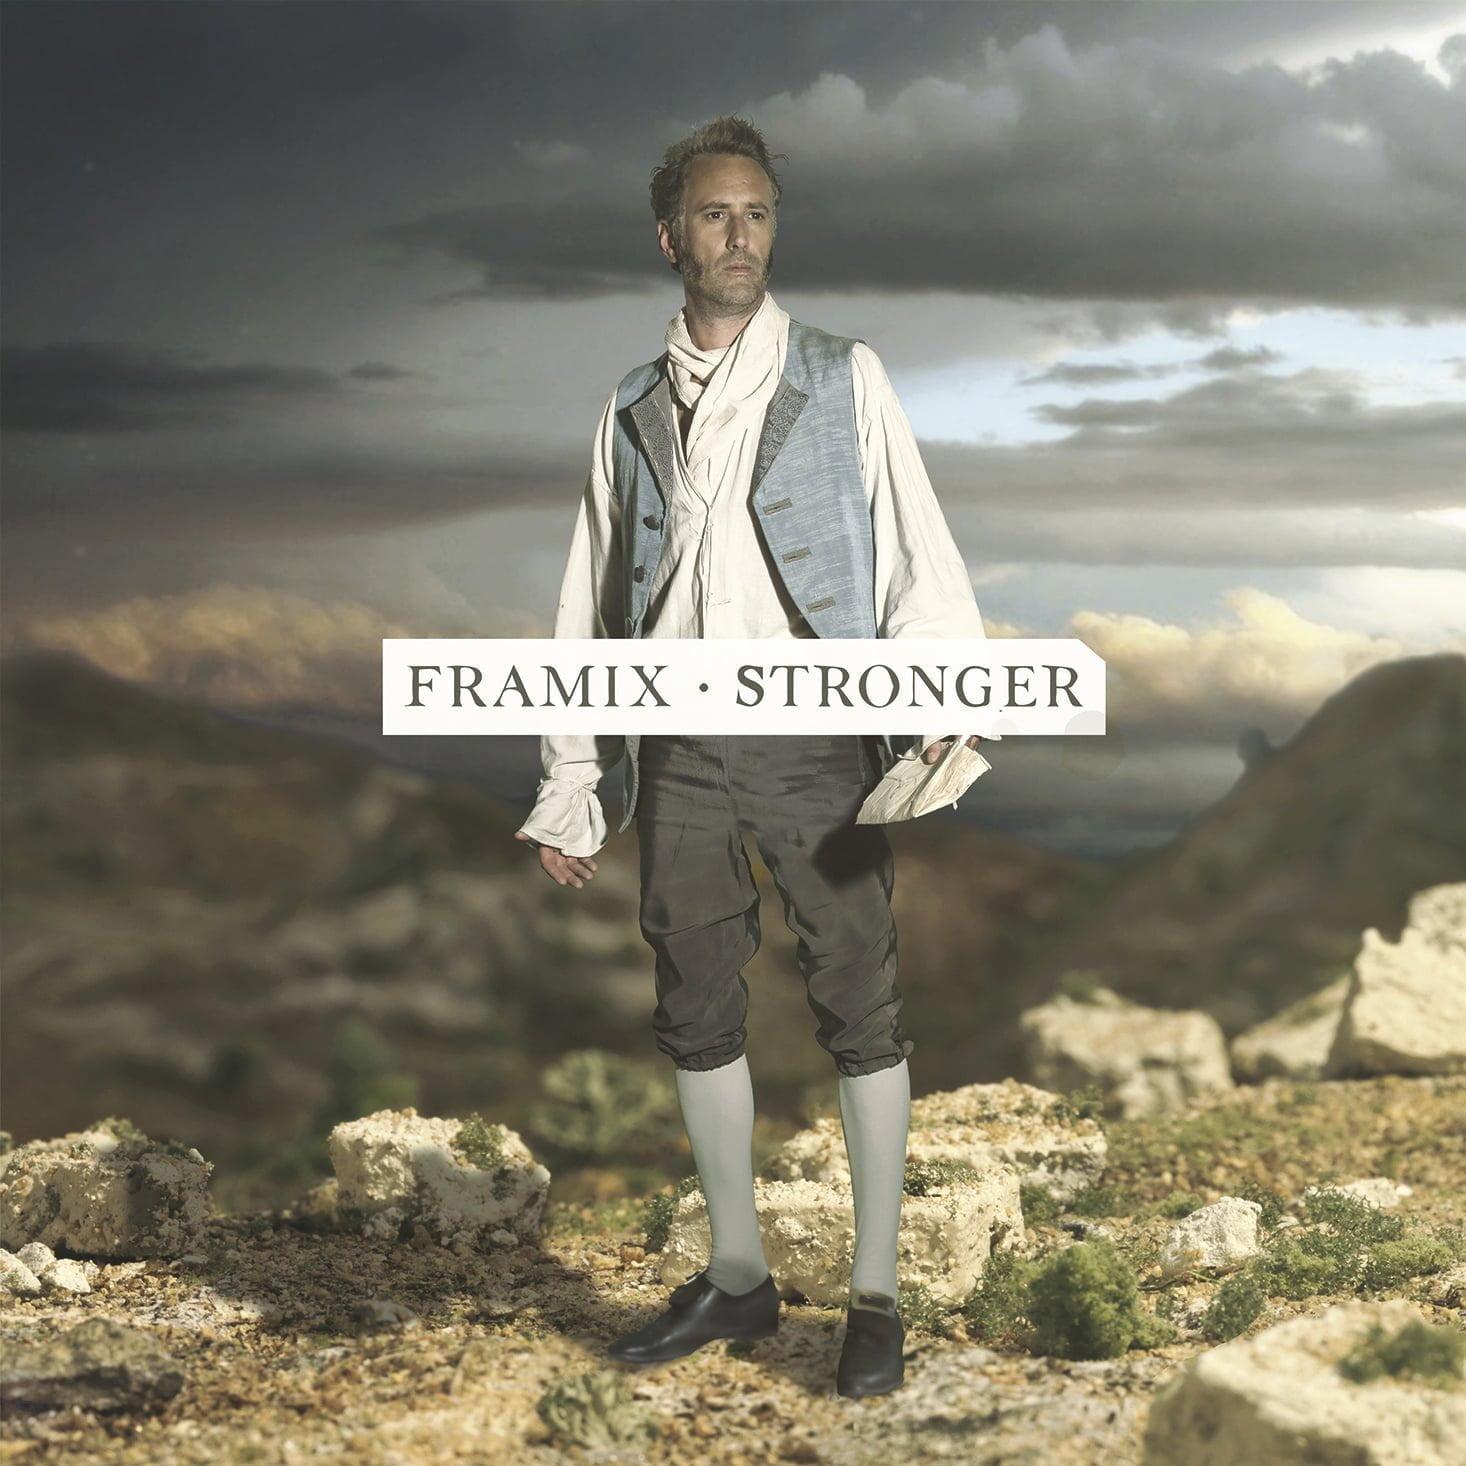 Framix, Stronger